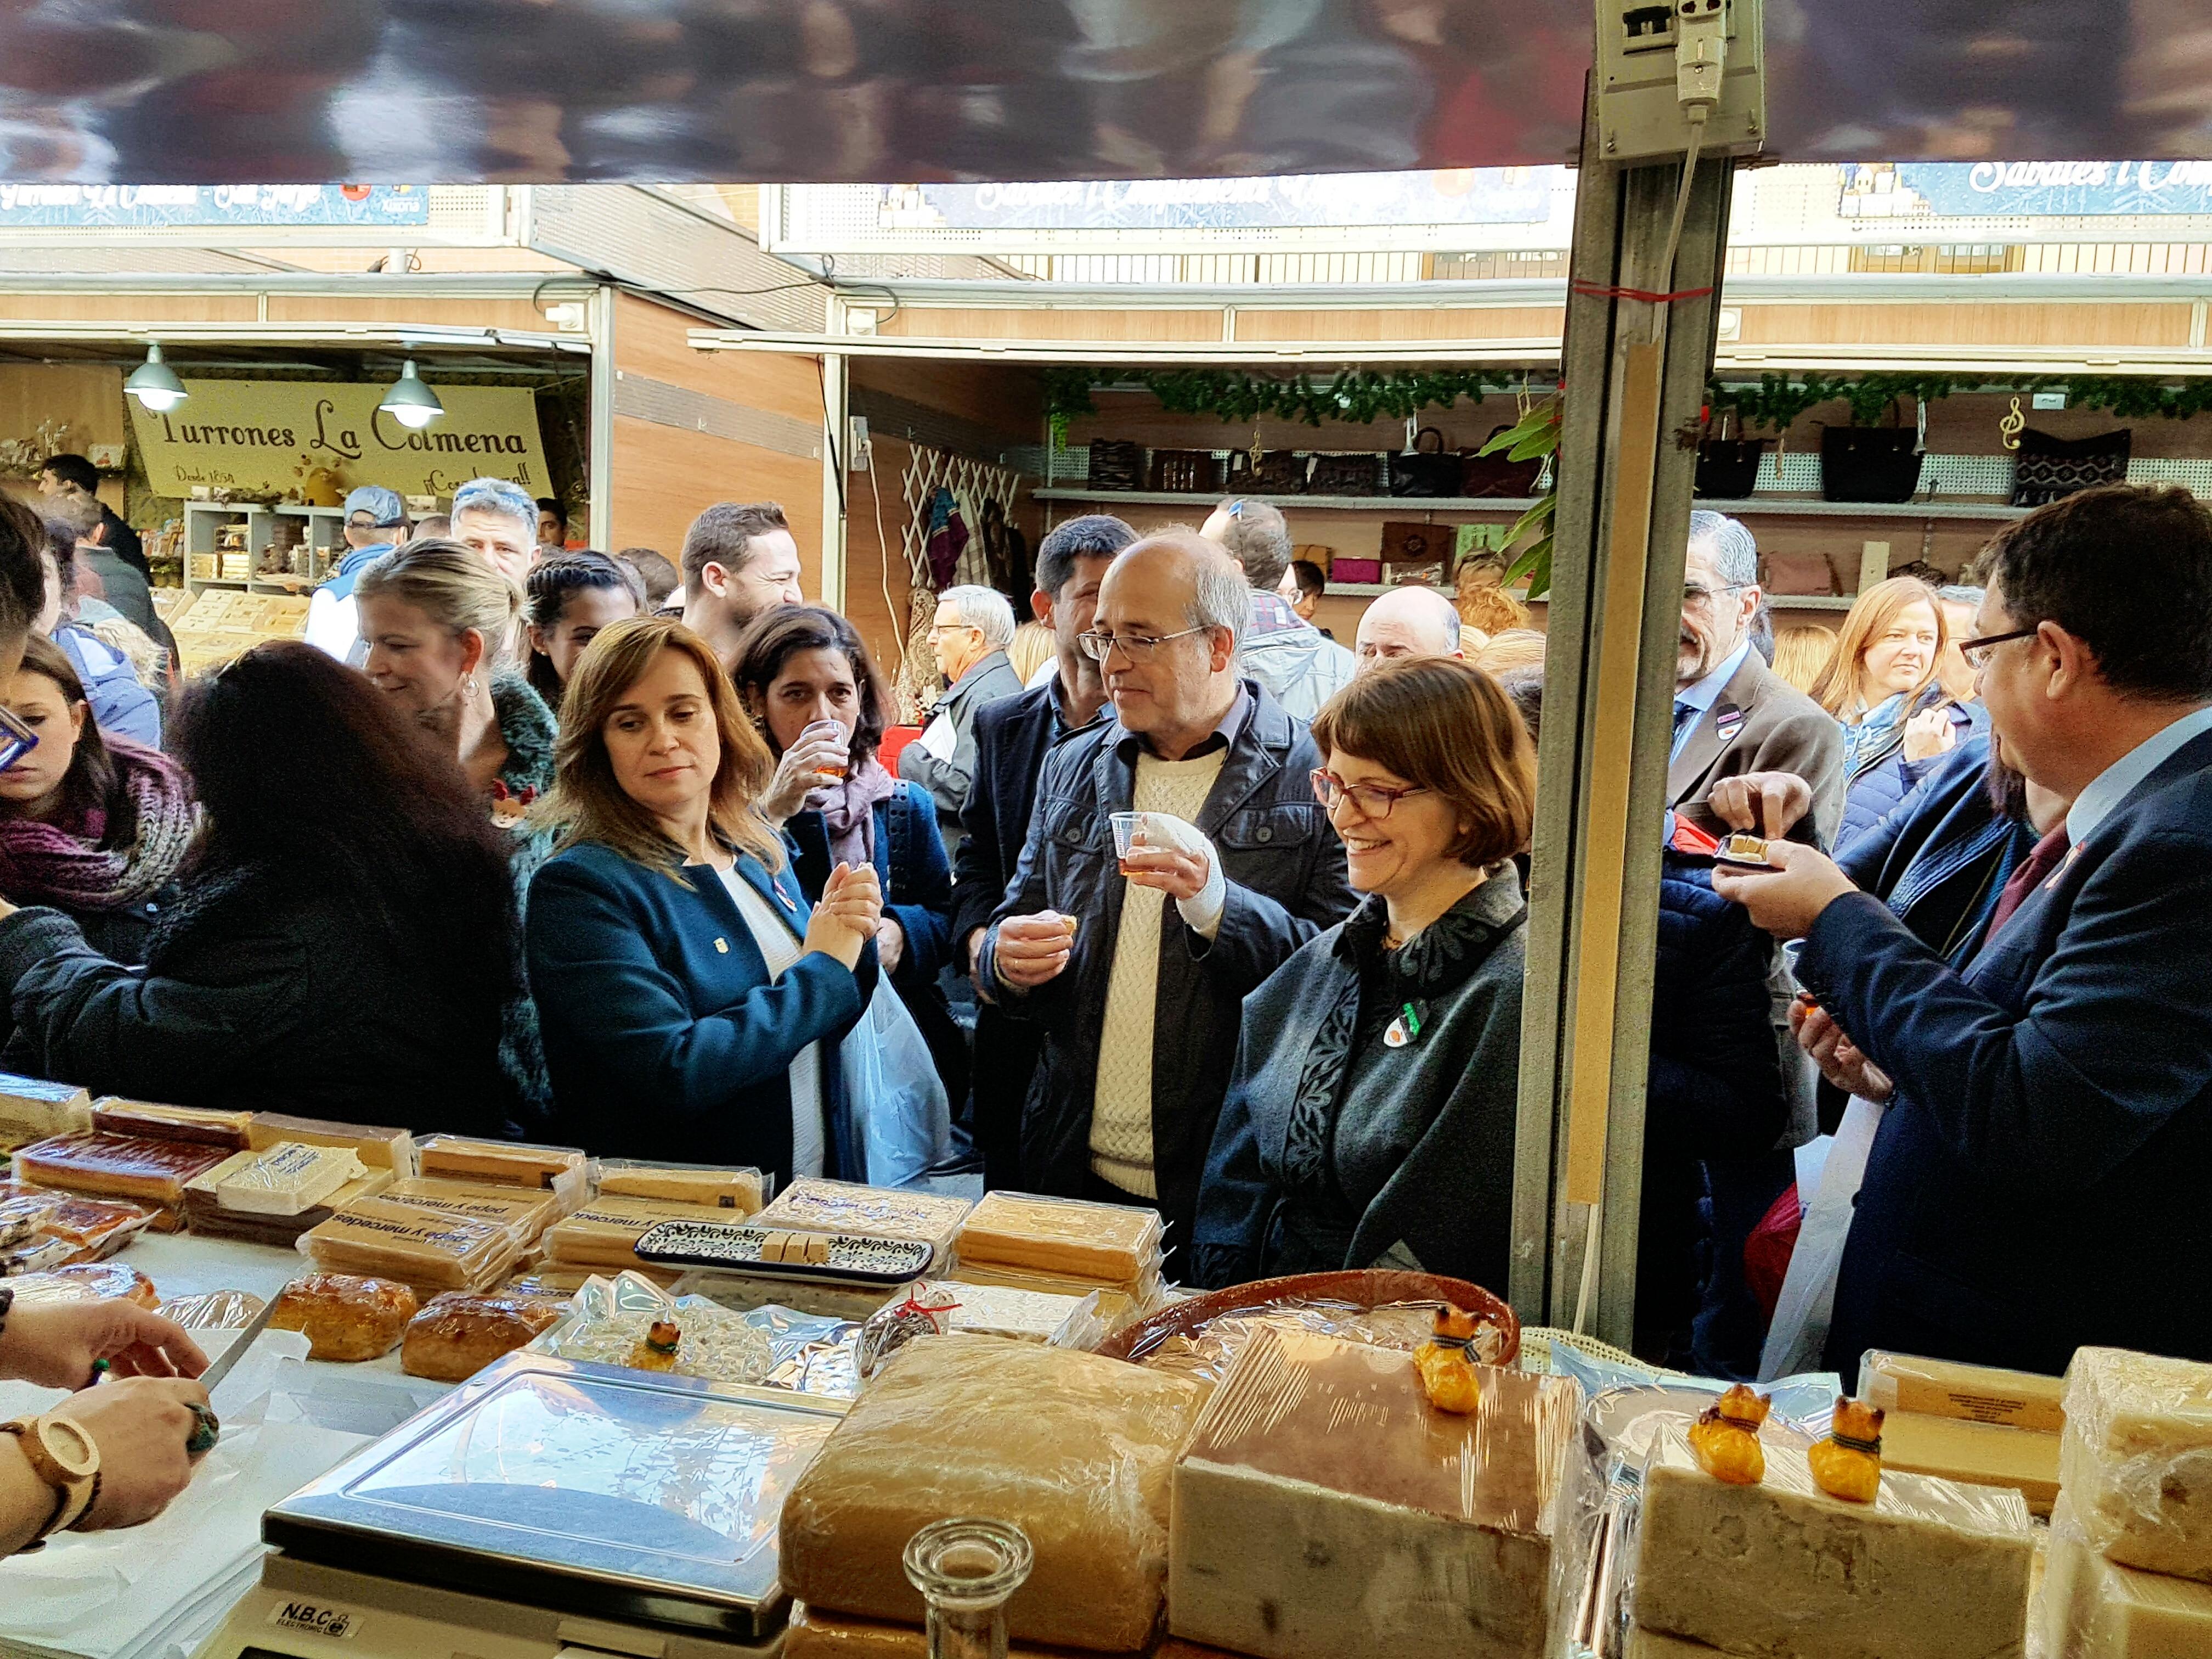 Cebrián: 'La iniciativa de la Generalitat' La Navidad es valenciano 'encuentra en Jijona uno de sus máximos exponentes'